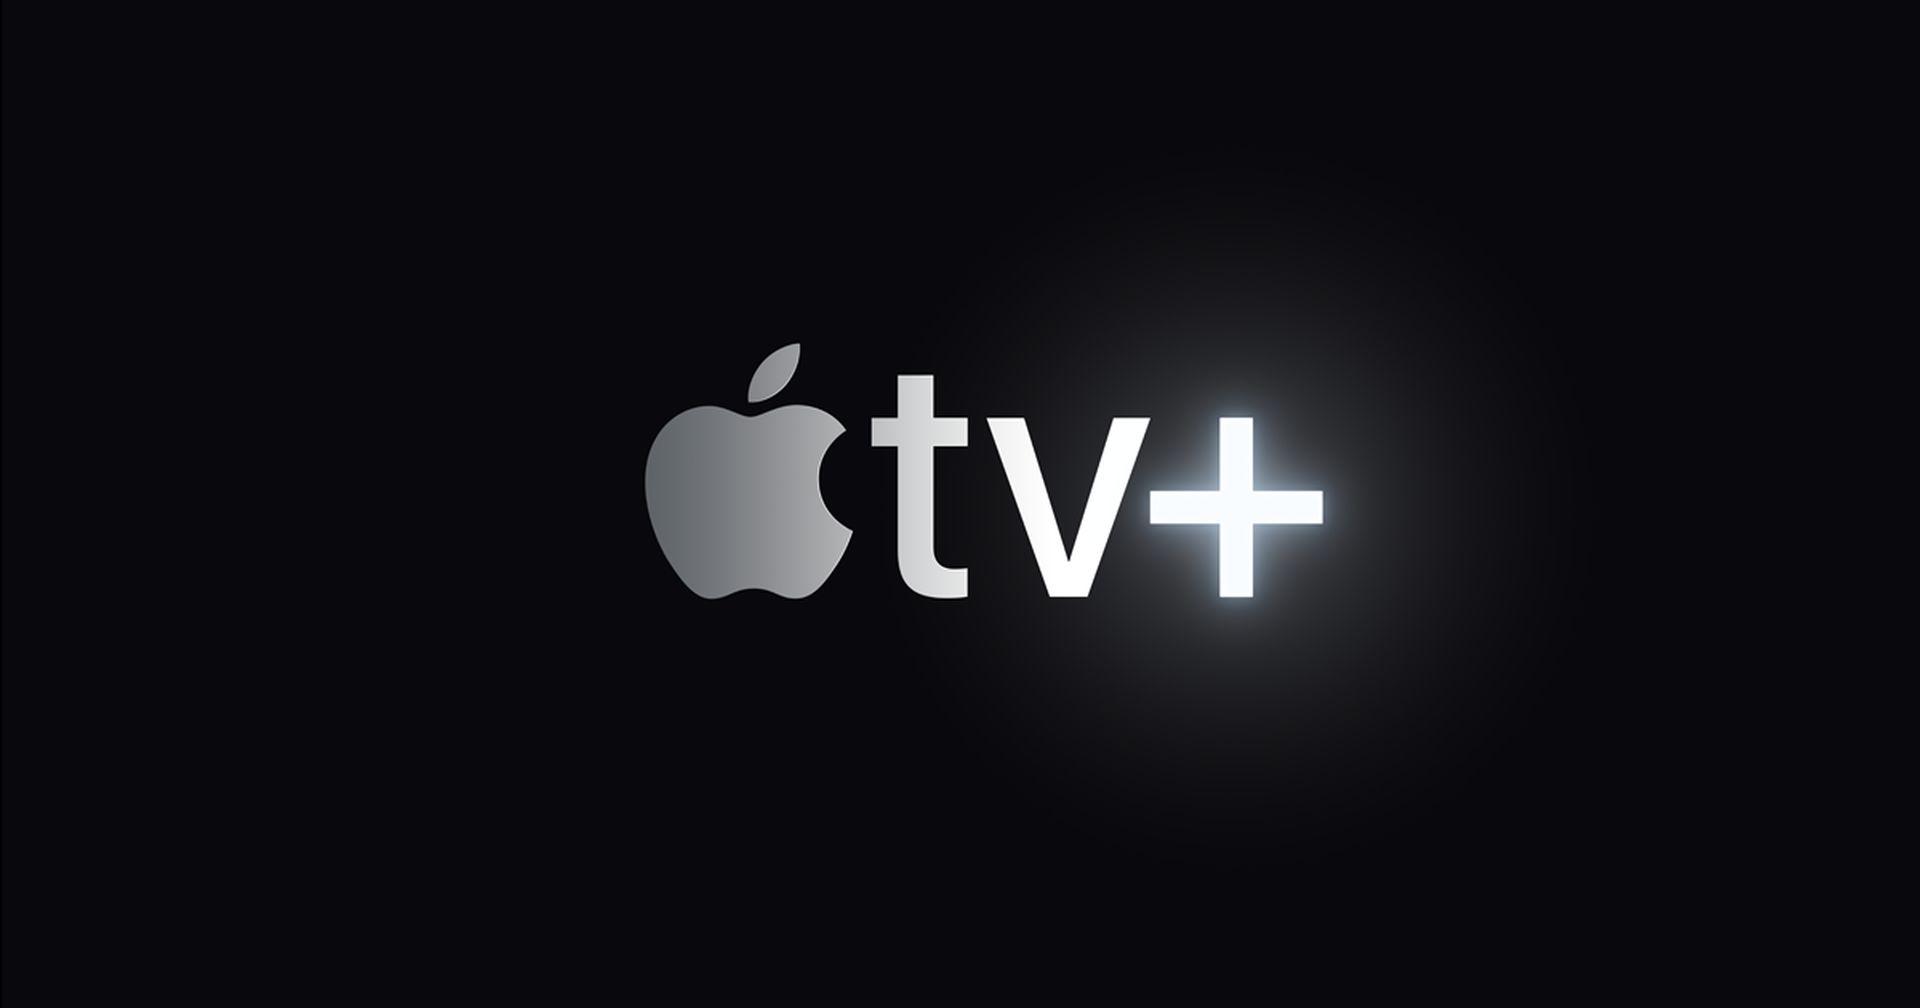 Darmowy dostęp do Apple TV+ wydłużony do połowy lutego 2021 roku